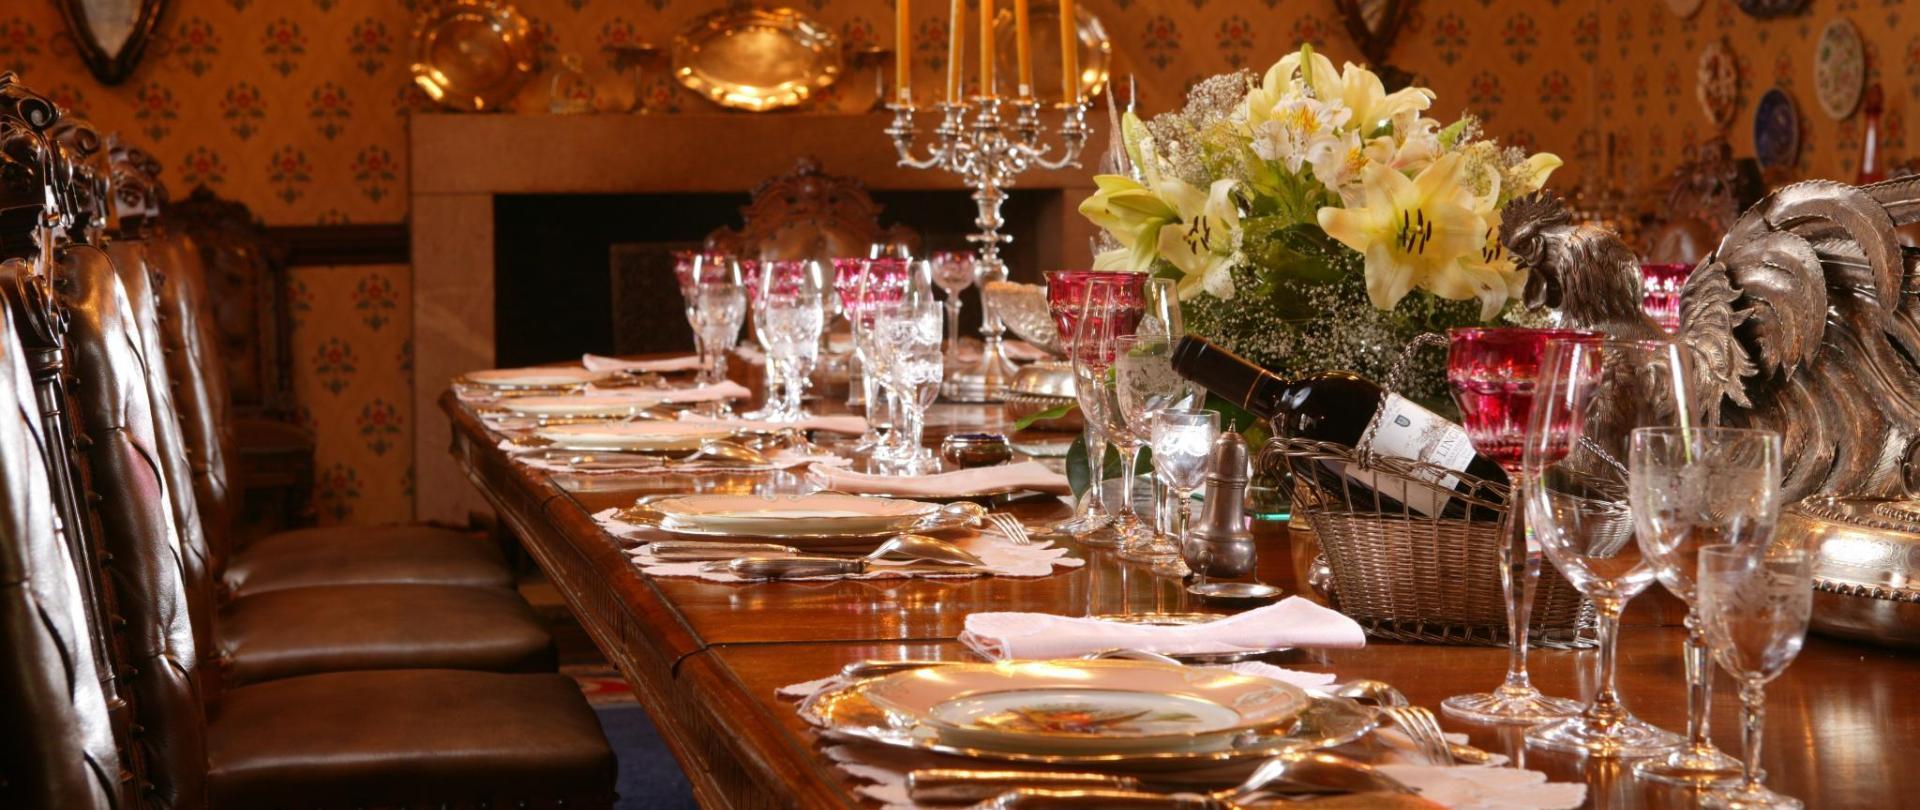 Dining Room 003.jpg